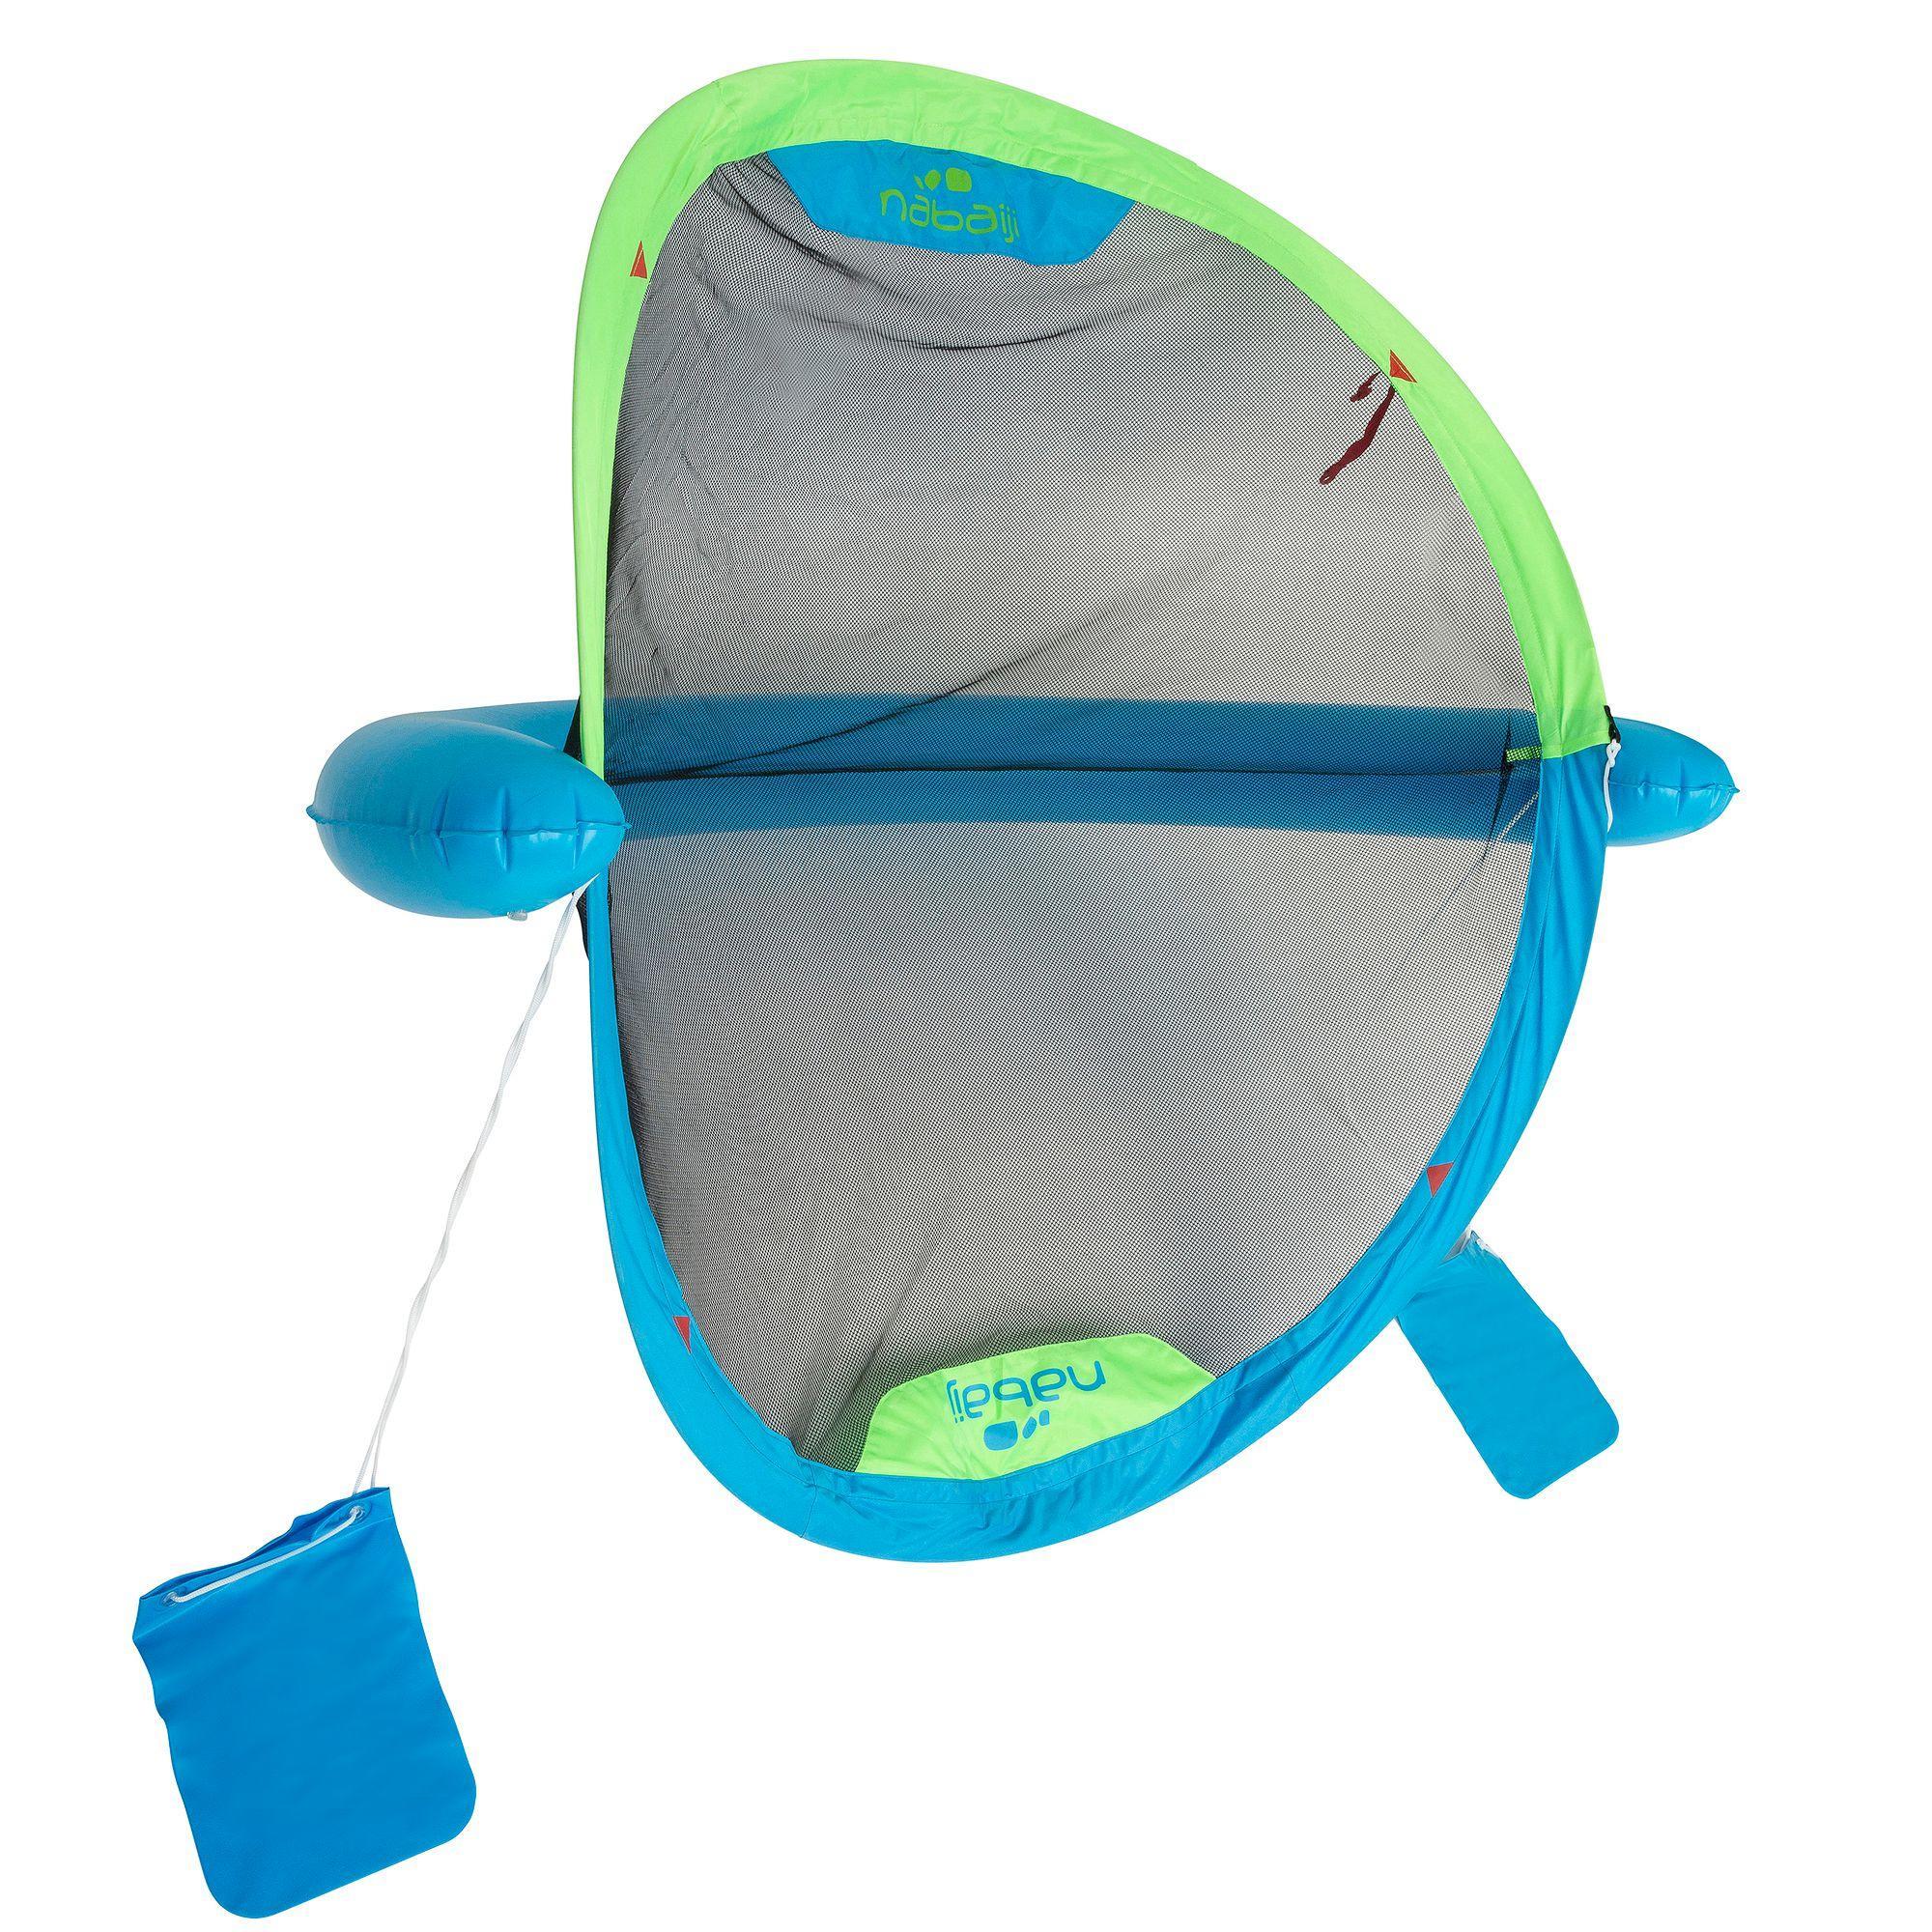 Poartă Water Polo Up Albastru imagine